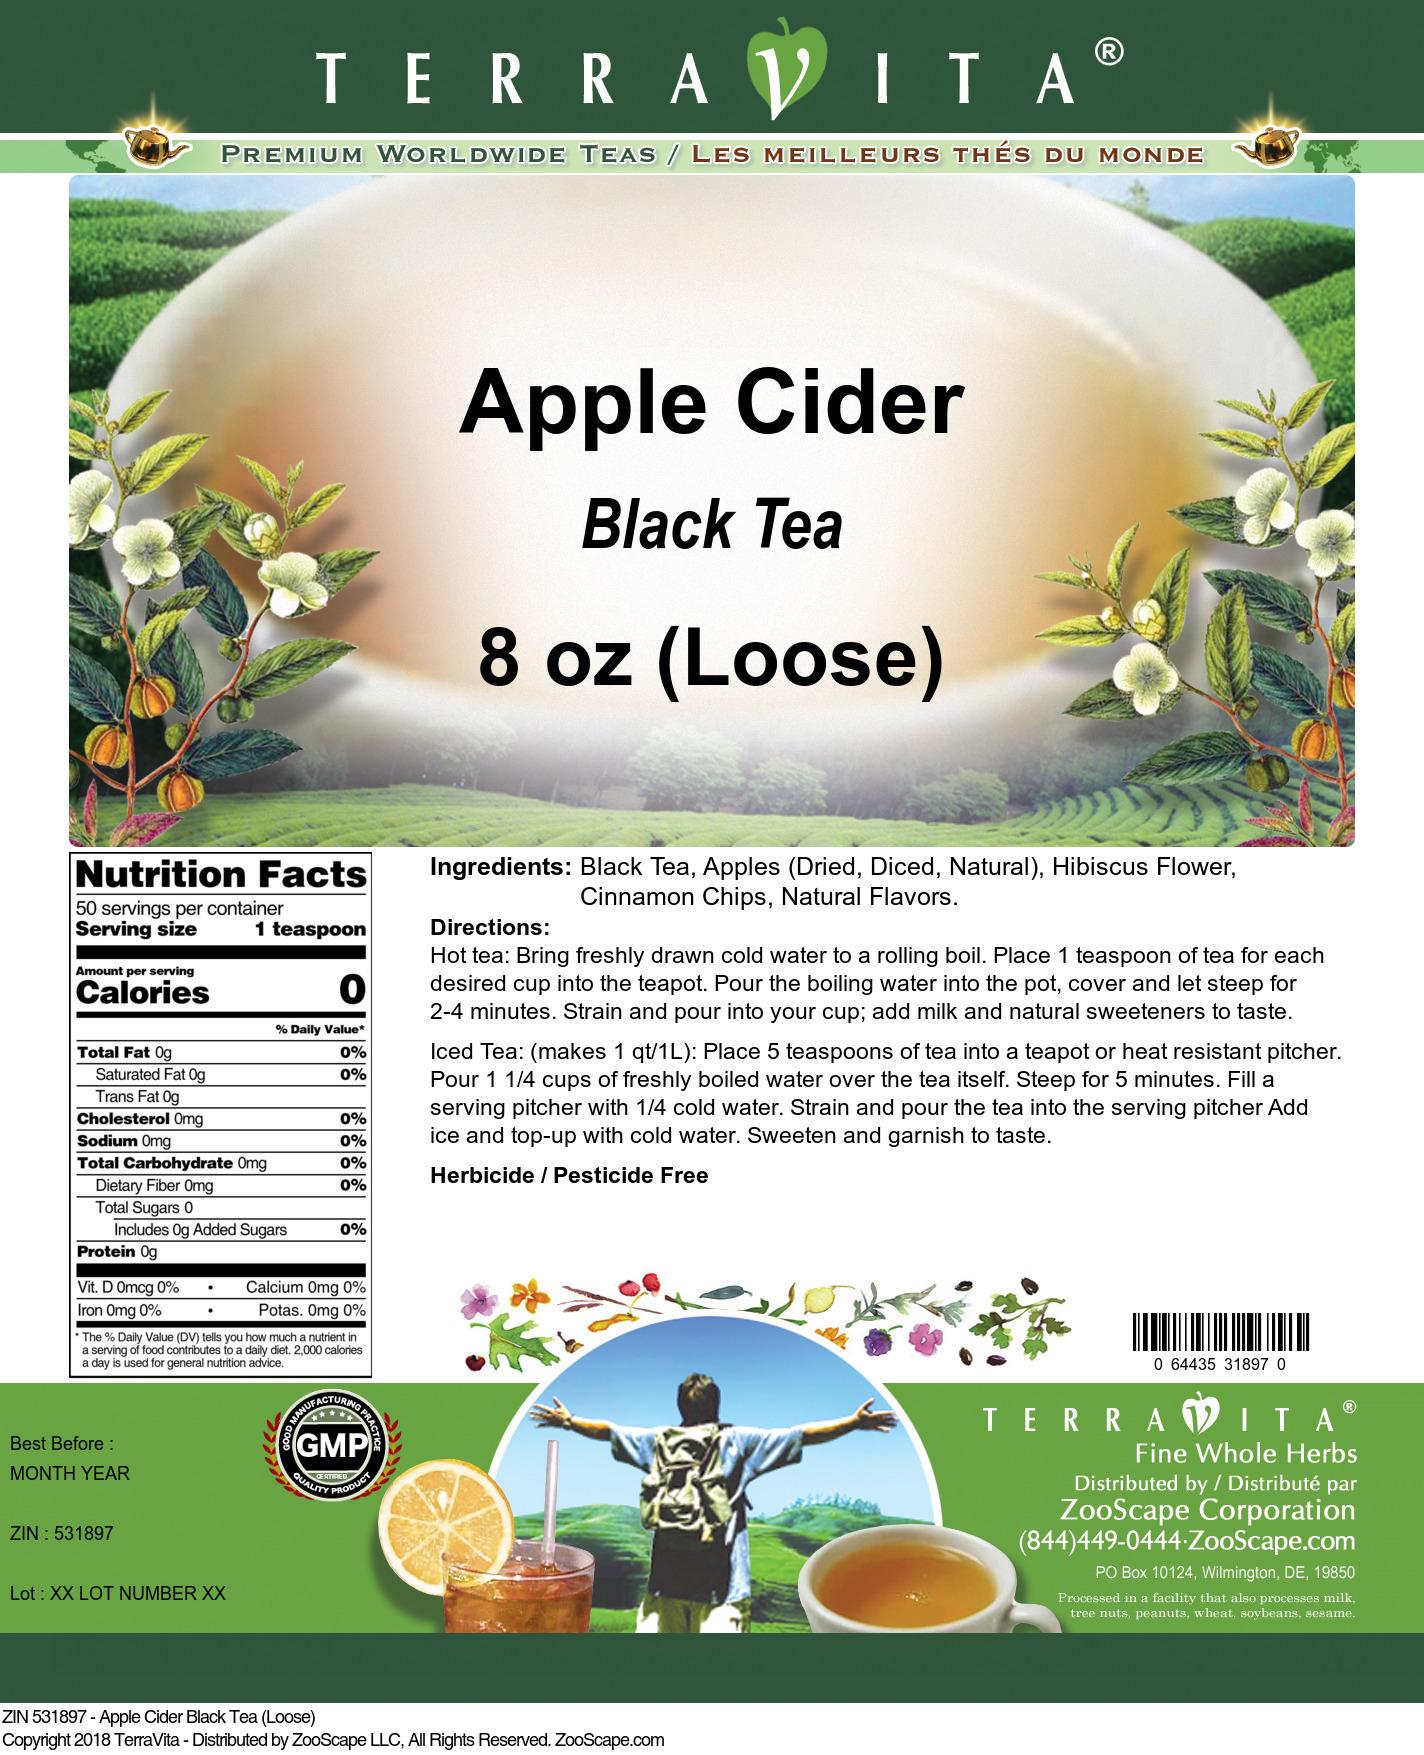 Apple Cider Black Tea (Loose)